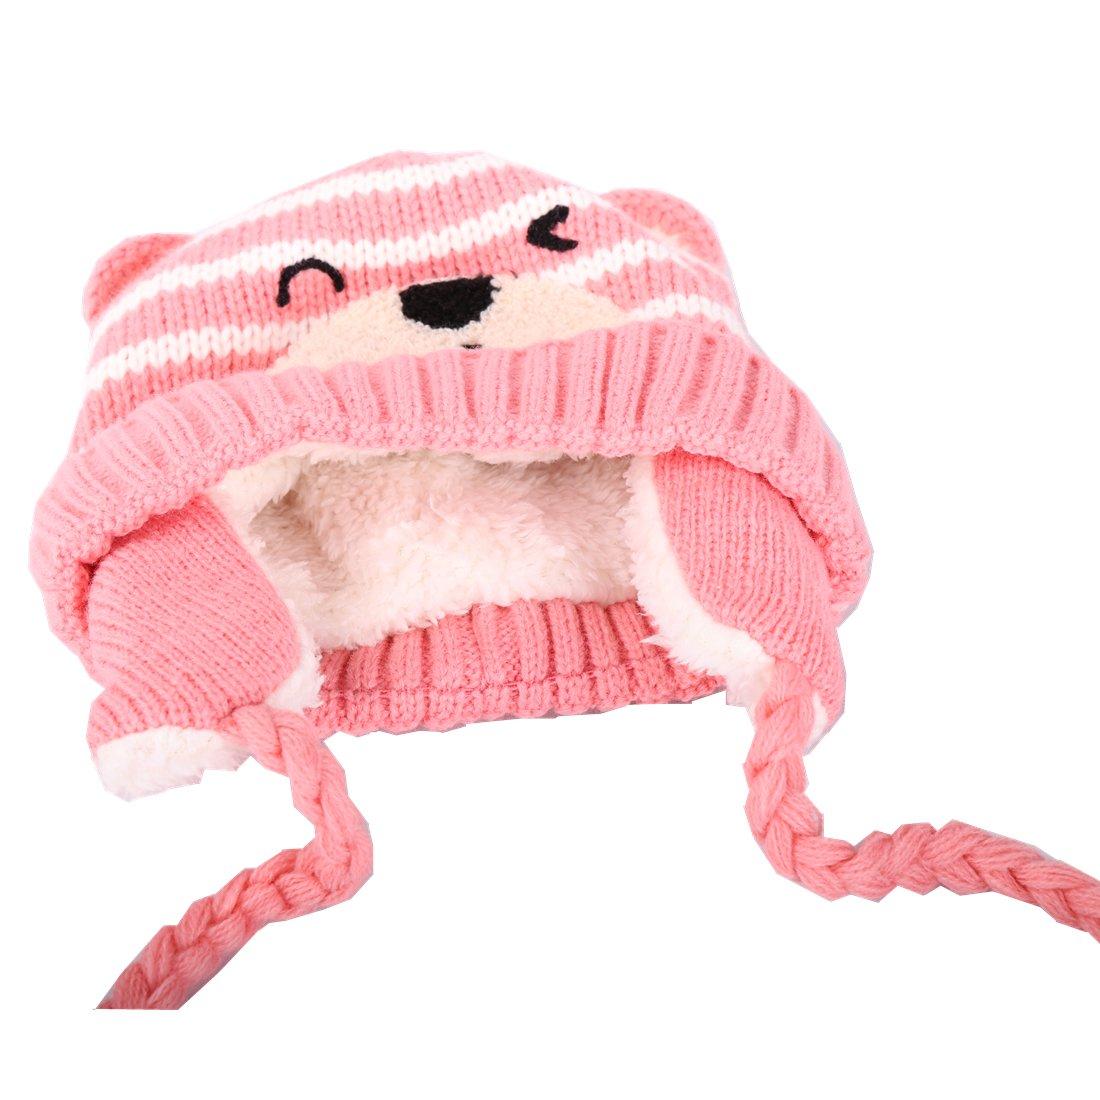 YUANMY Sombrero de Bebé Niños Tejido Gorros Recien Nacido Animales con Orejas  Lana Otoño Invierno 6-24 Meses  Amazon.es  Ropa y accesorios 609e9b7d31e